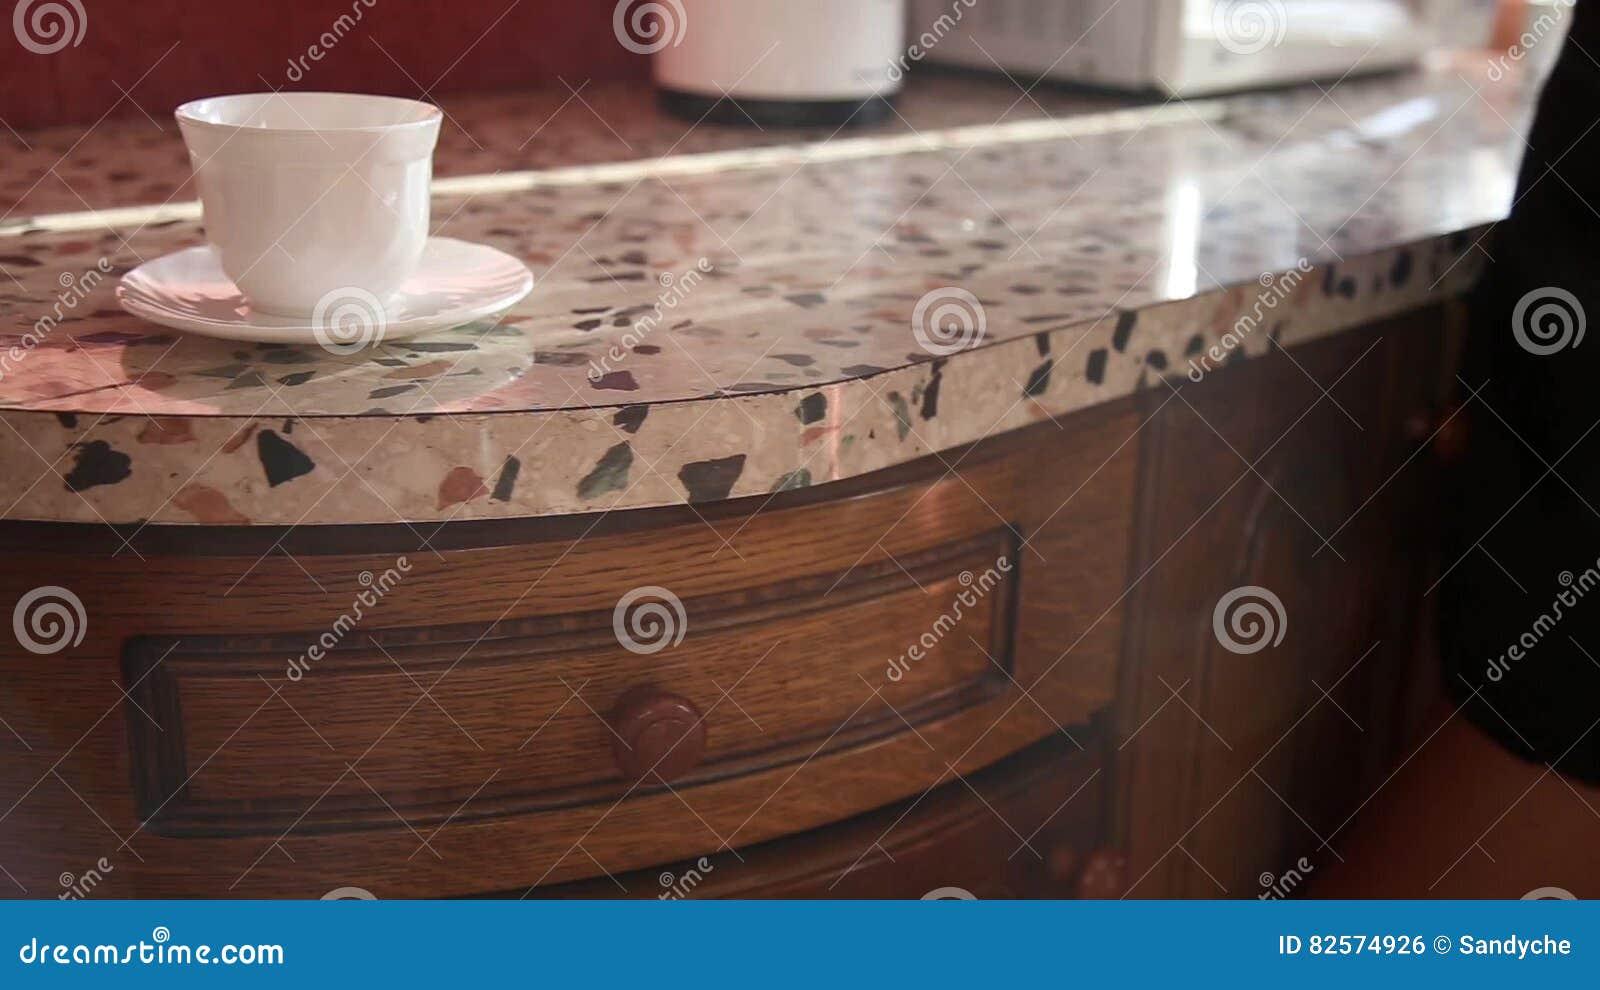 На кухне в короткой юбке, домашнее фото красивых девушек